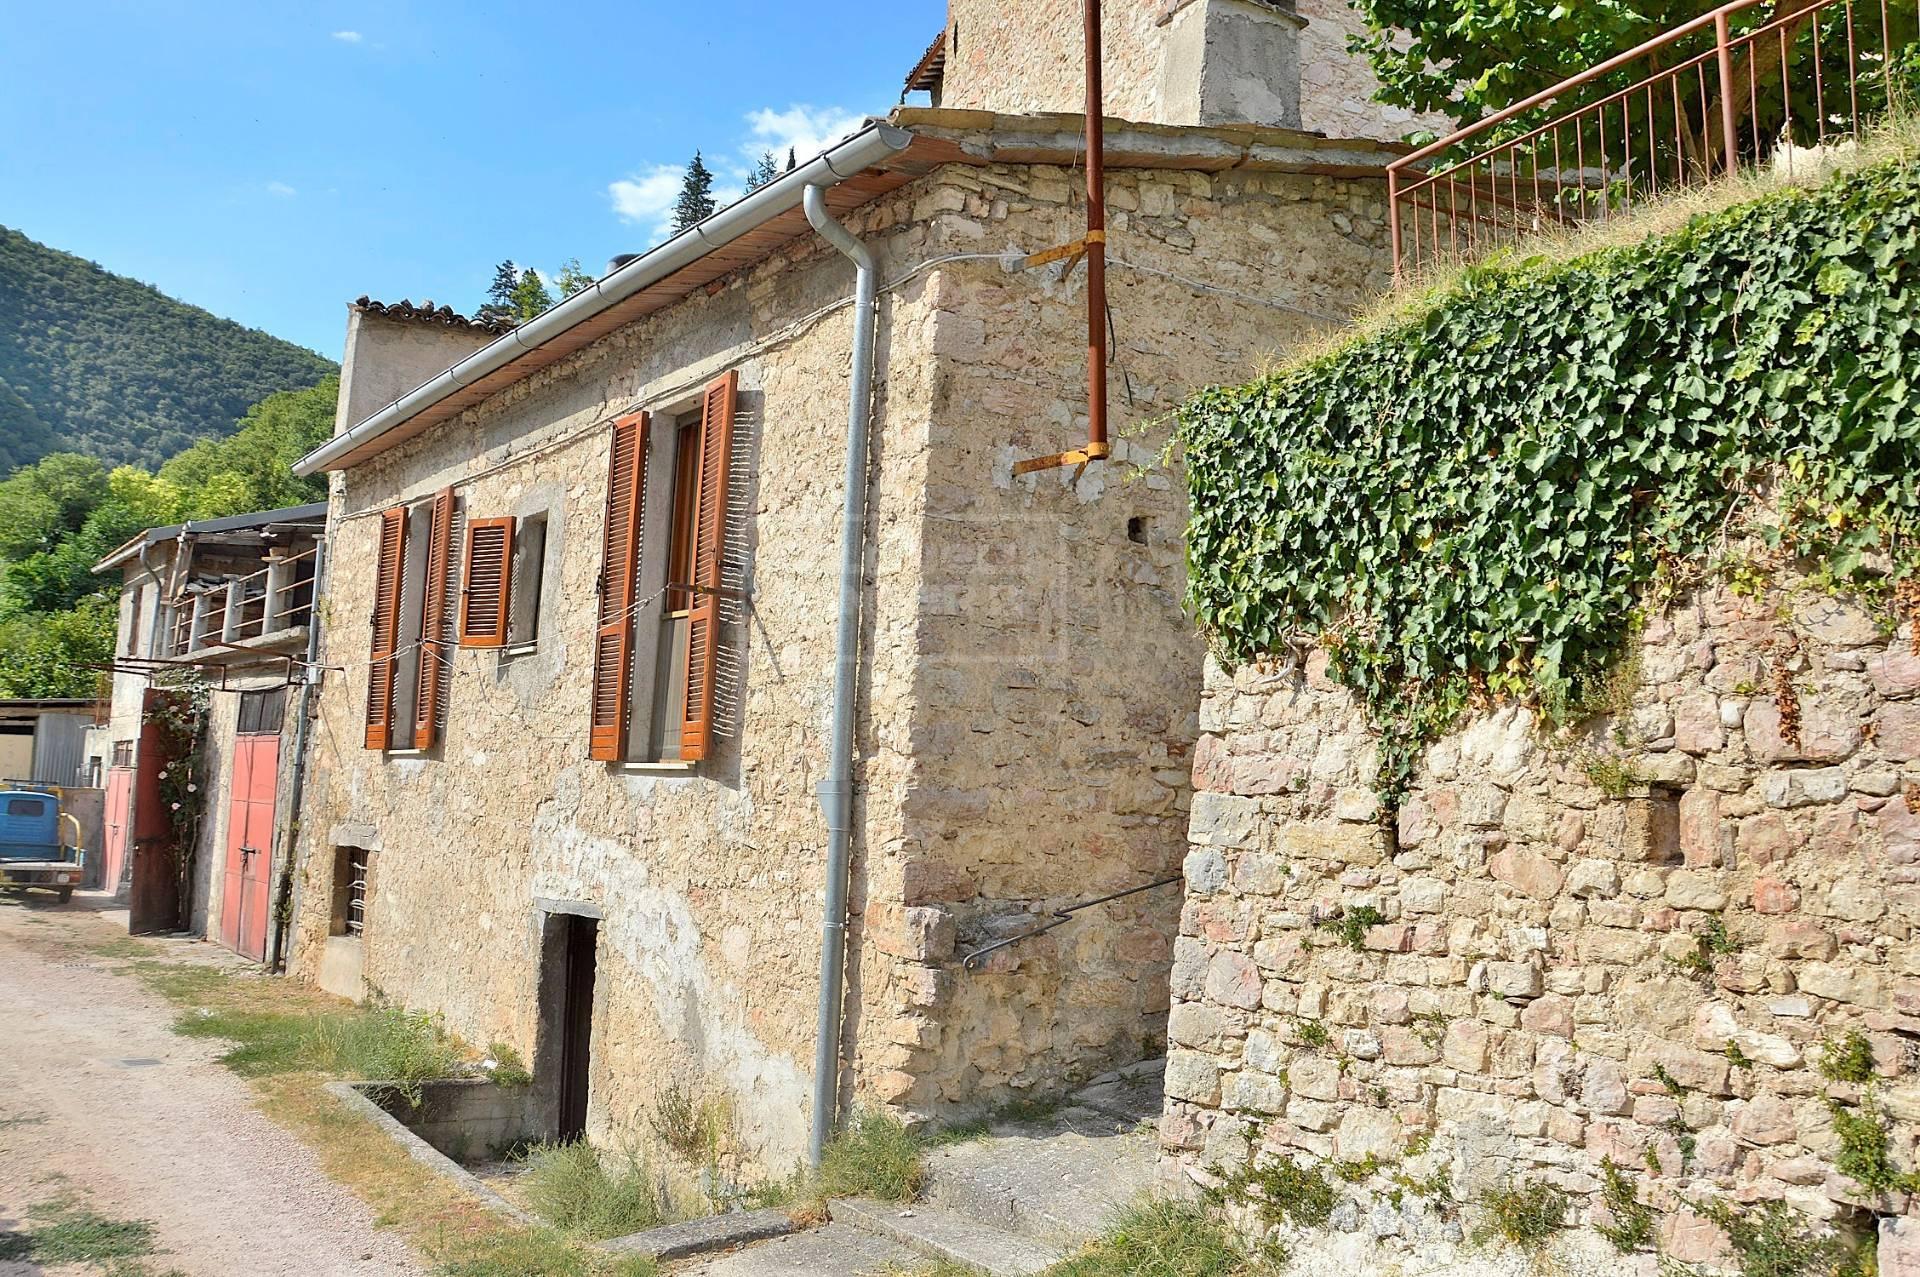 Immobile a Cerreto di Spoleto